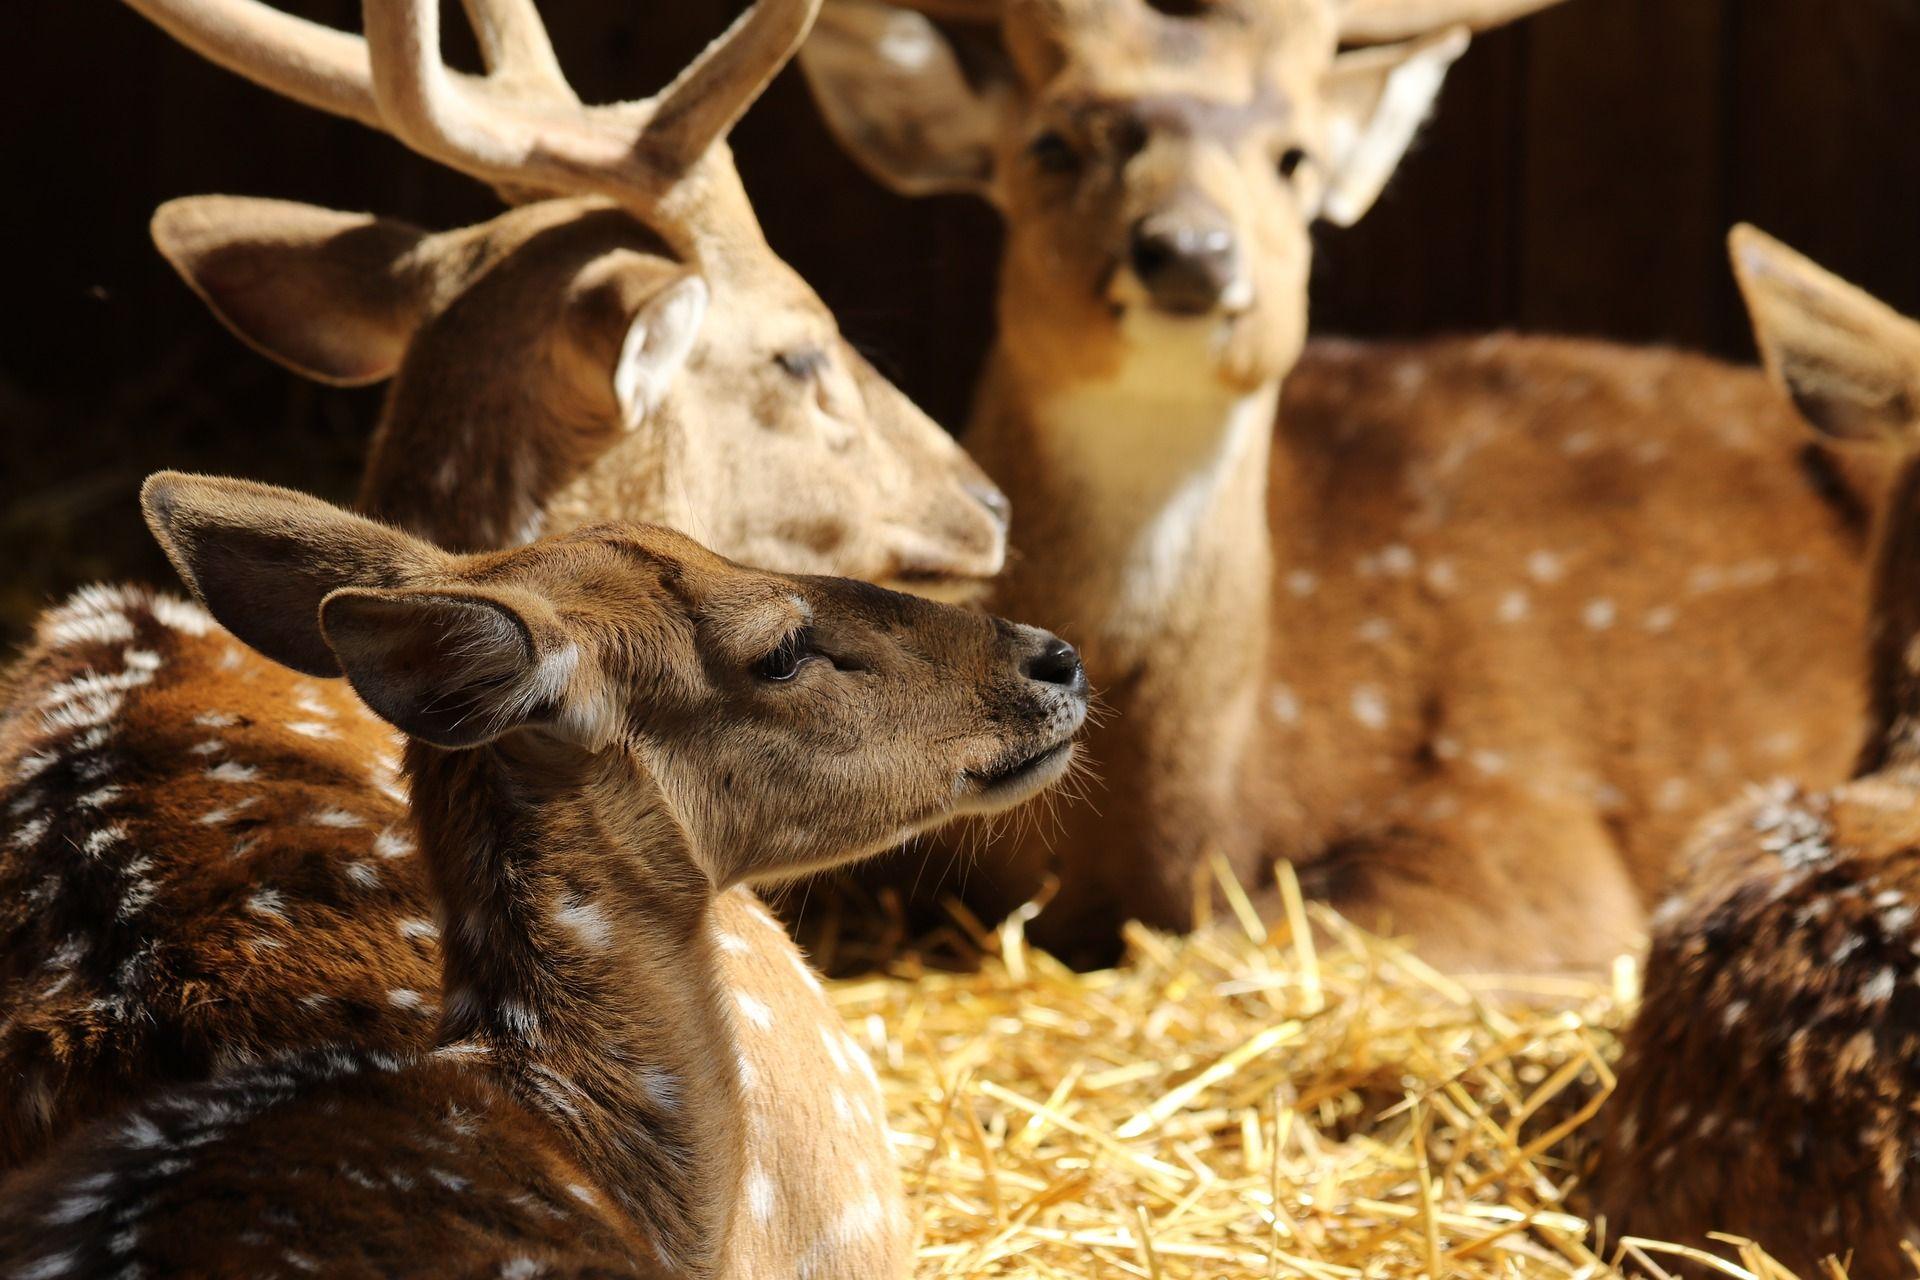 Deer Mating Season (With images) Deer photos, Deer